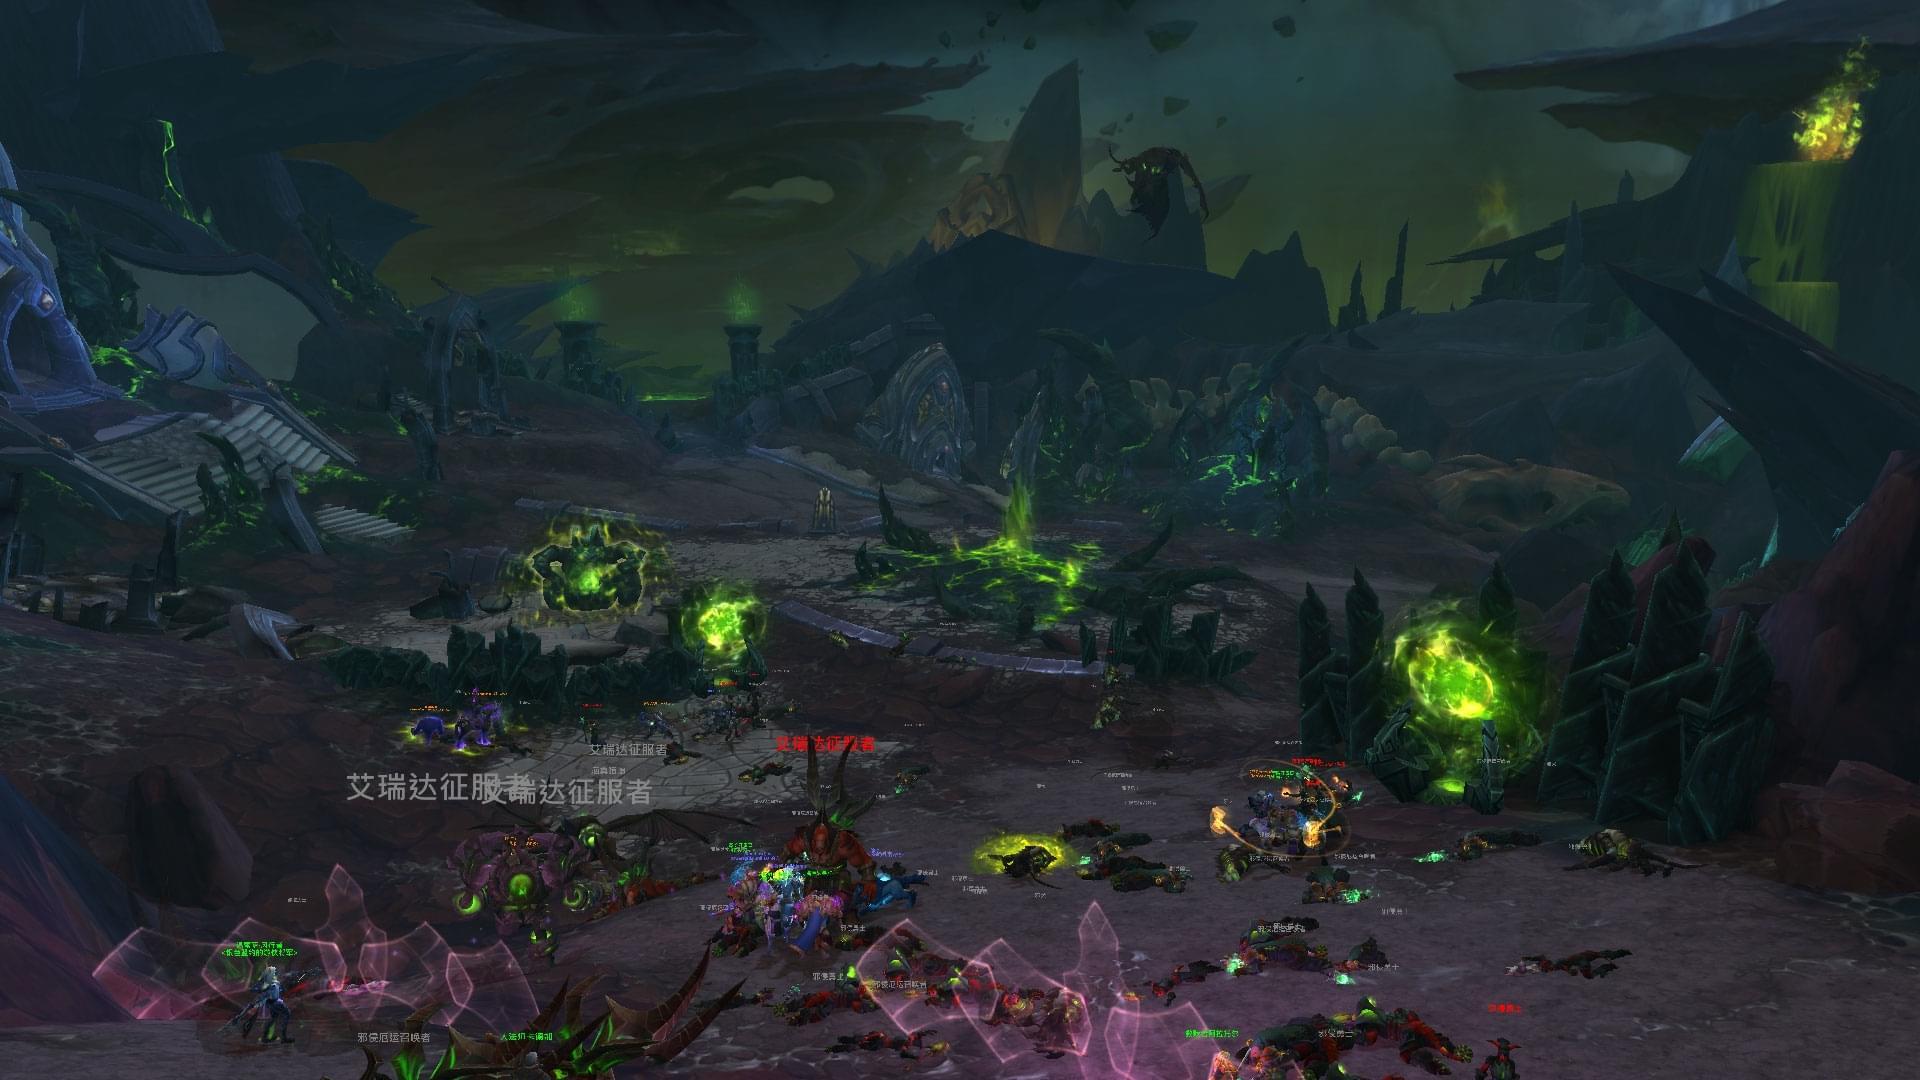 魔兽测试服已更新7.3版本:将进军阿古斯